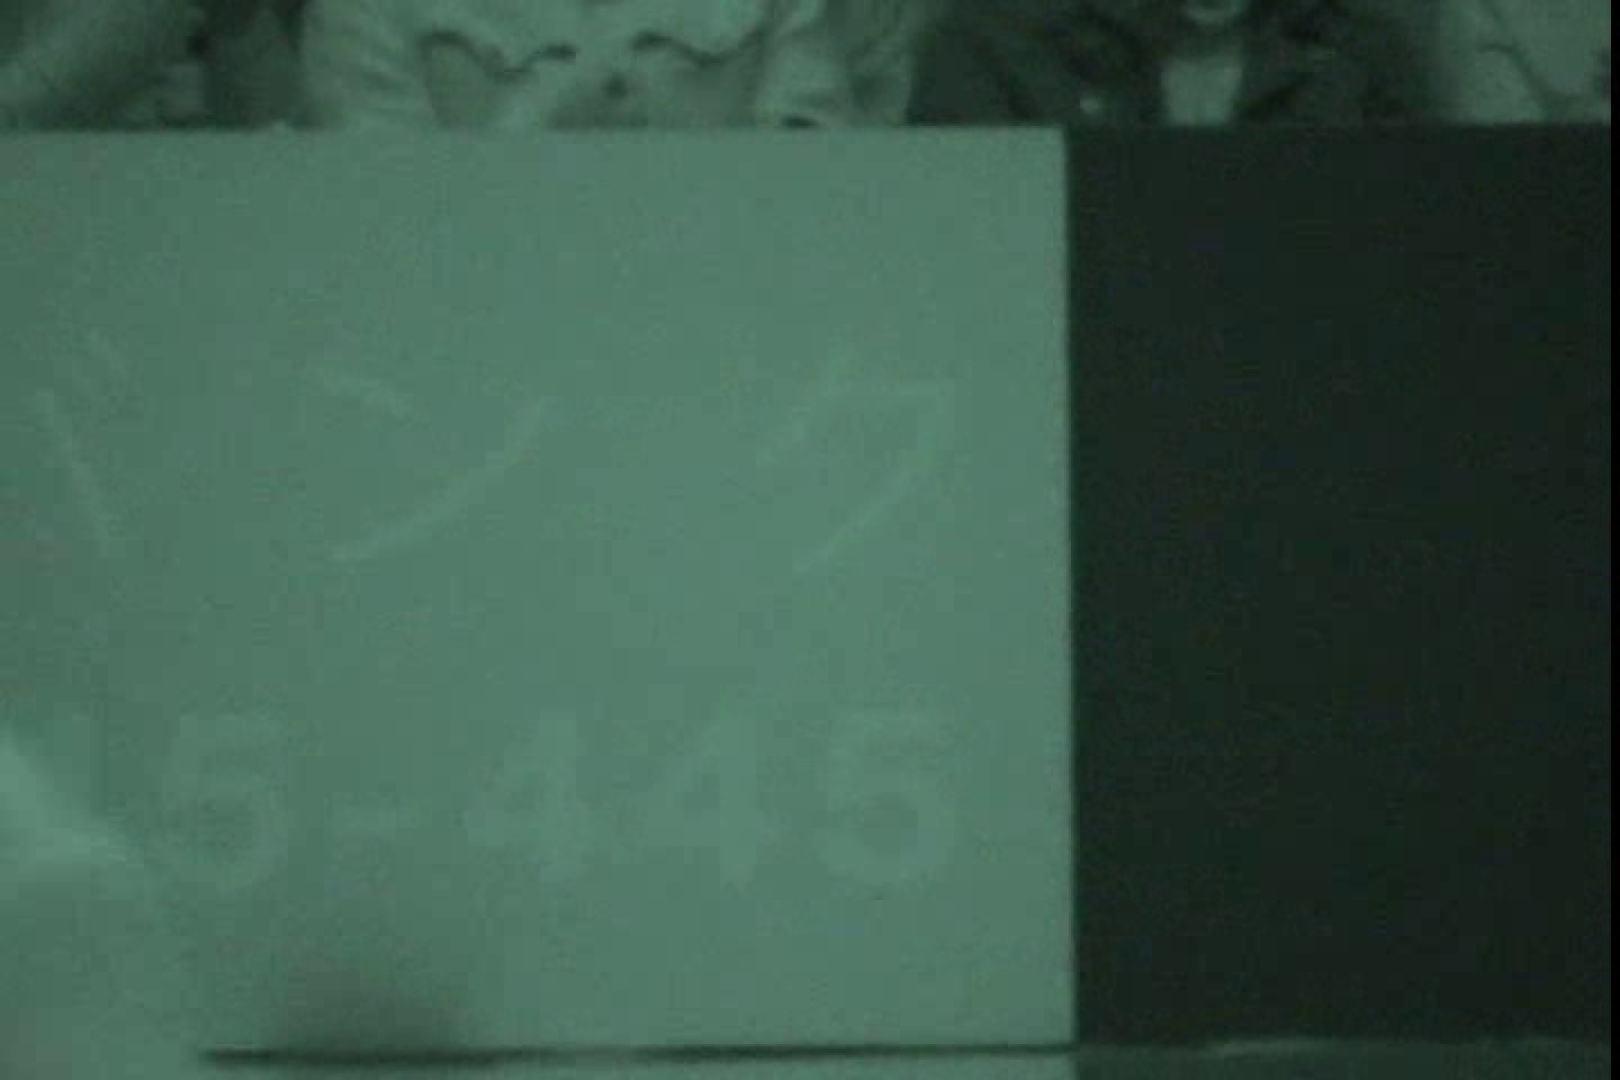 赤外線ムレスケバレー(汗) vol.05 アスリート   HなOL  66pic 61